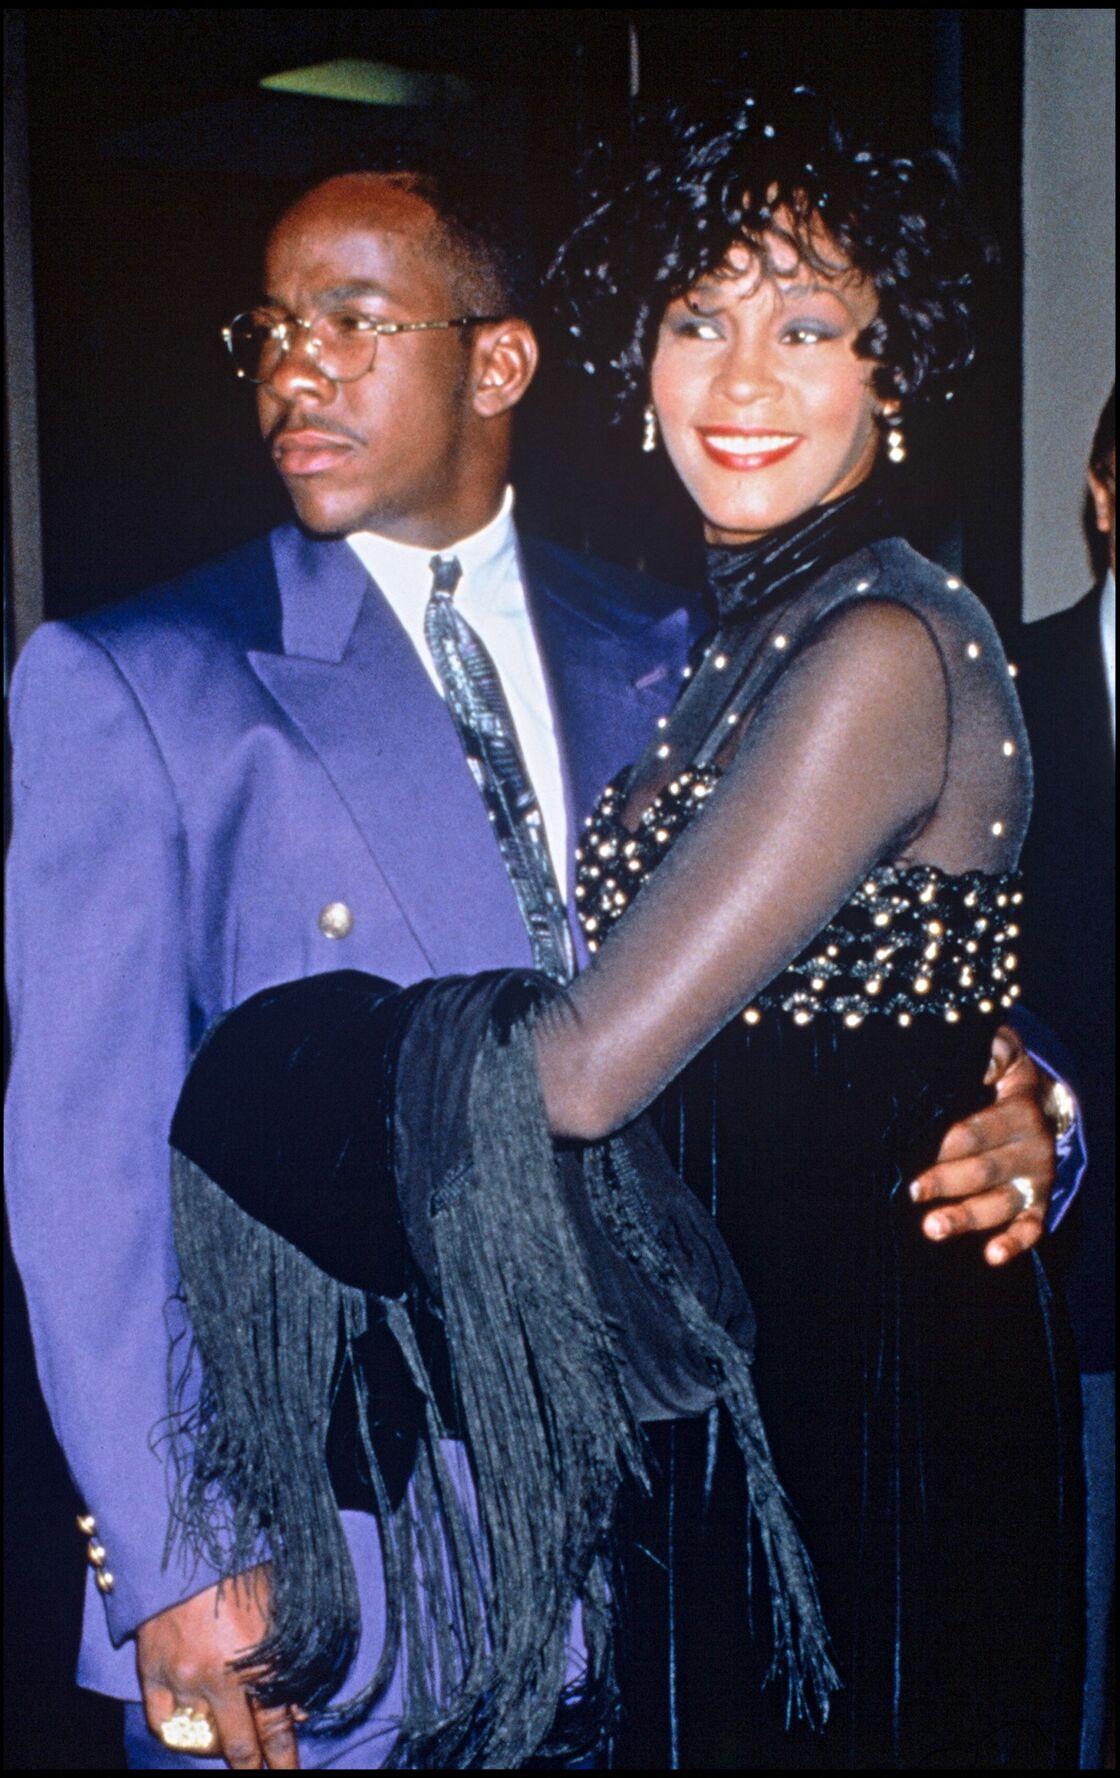 À l'aube des années 1990, Whitney Houston débute sa relation avec Bobby Brown. Très vite, la chanteuse tombe dans une spirale infernale